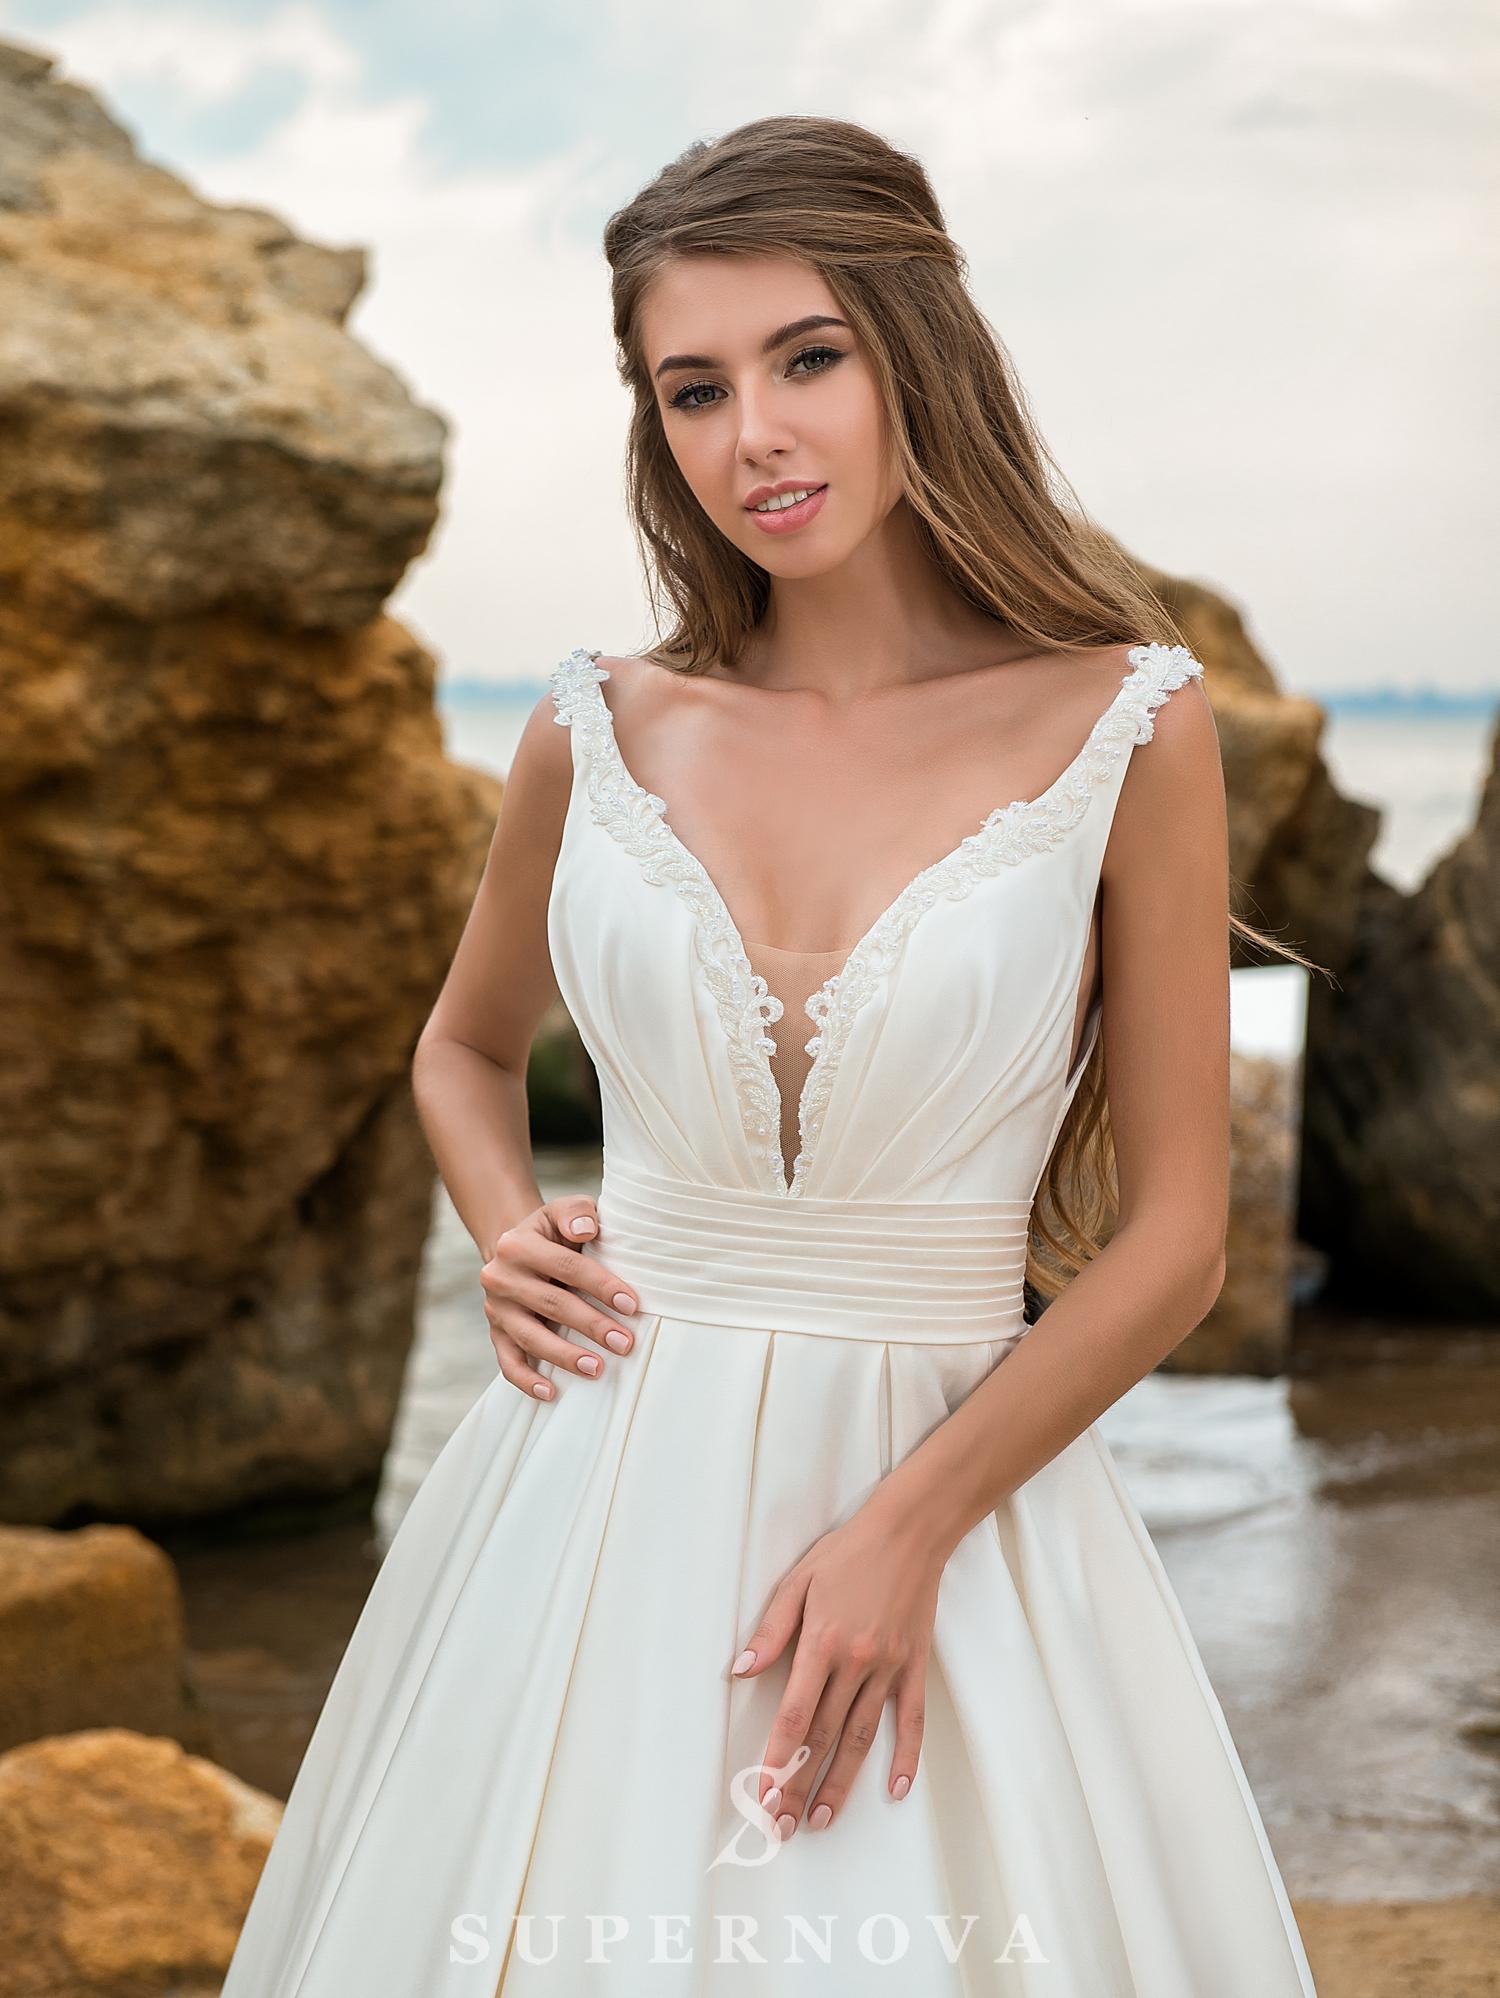 Cвадебное платье c юбкой-шлейф-1